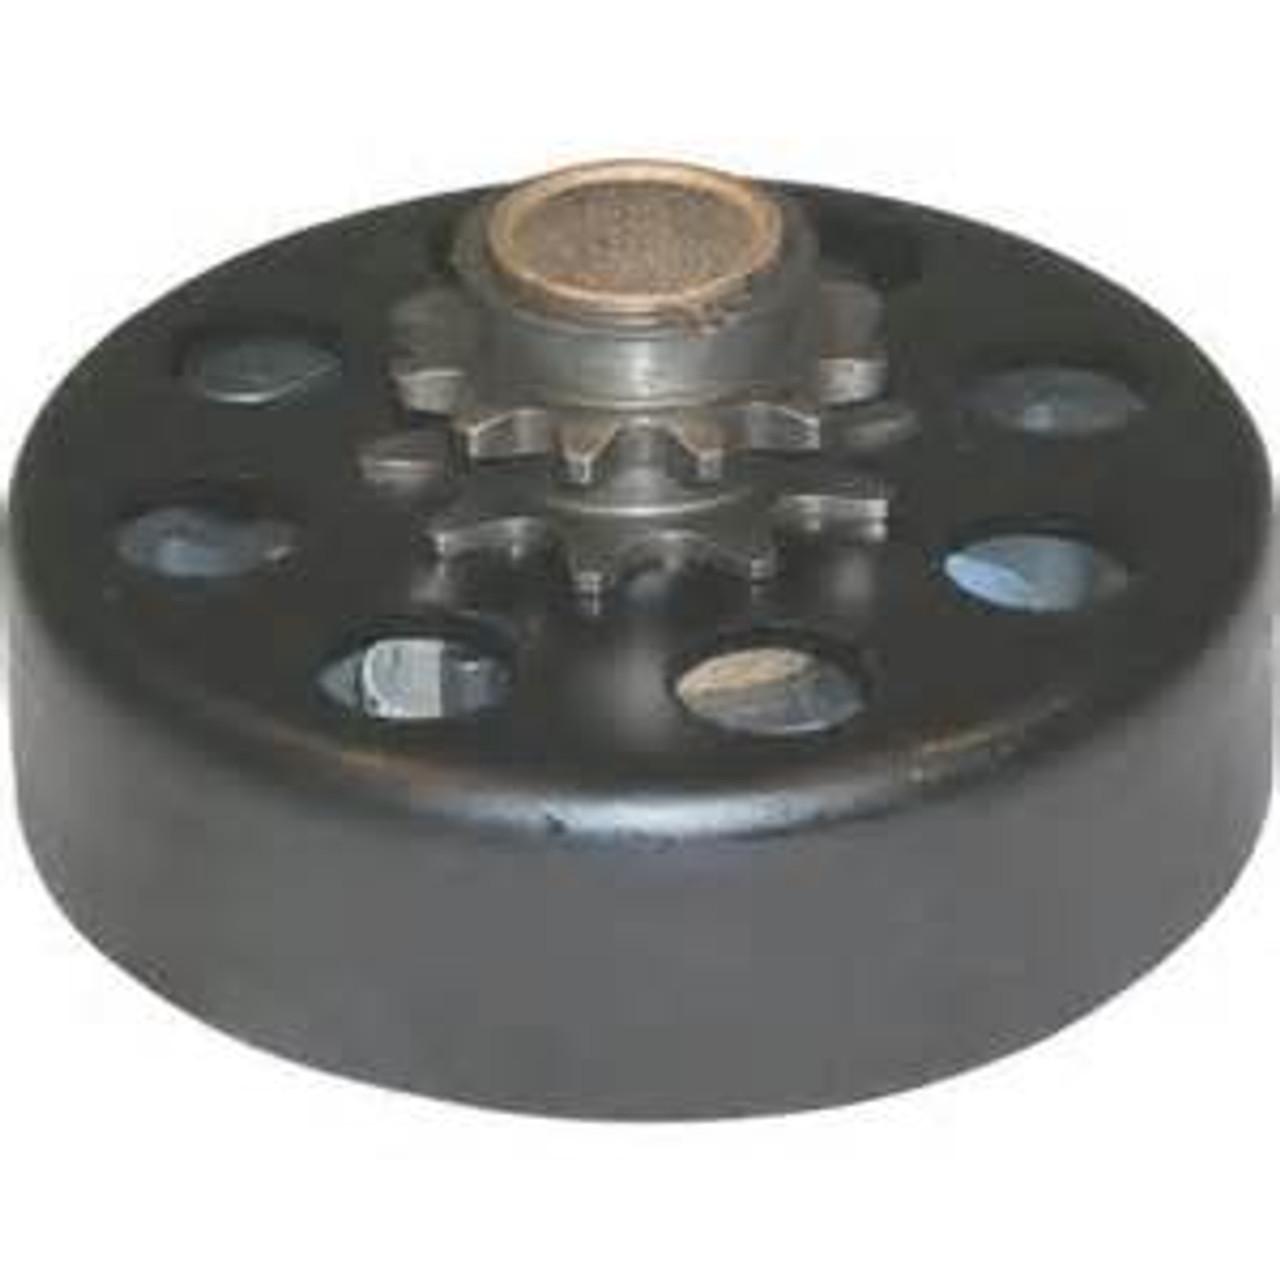 Xrx/Xrs mini clutch 3/4 shaft